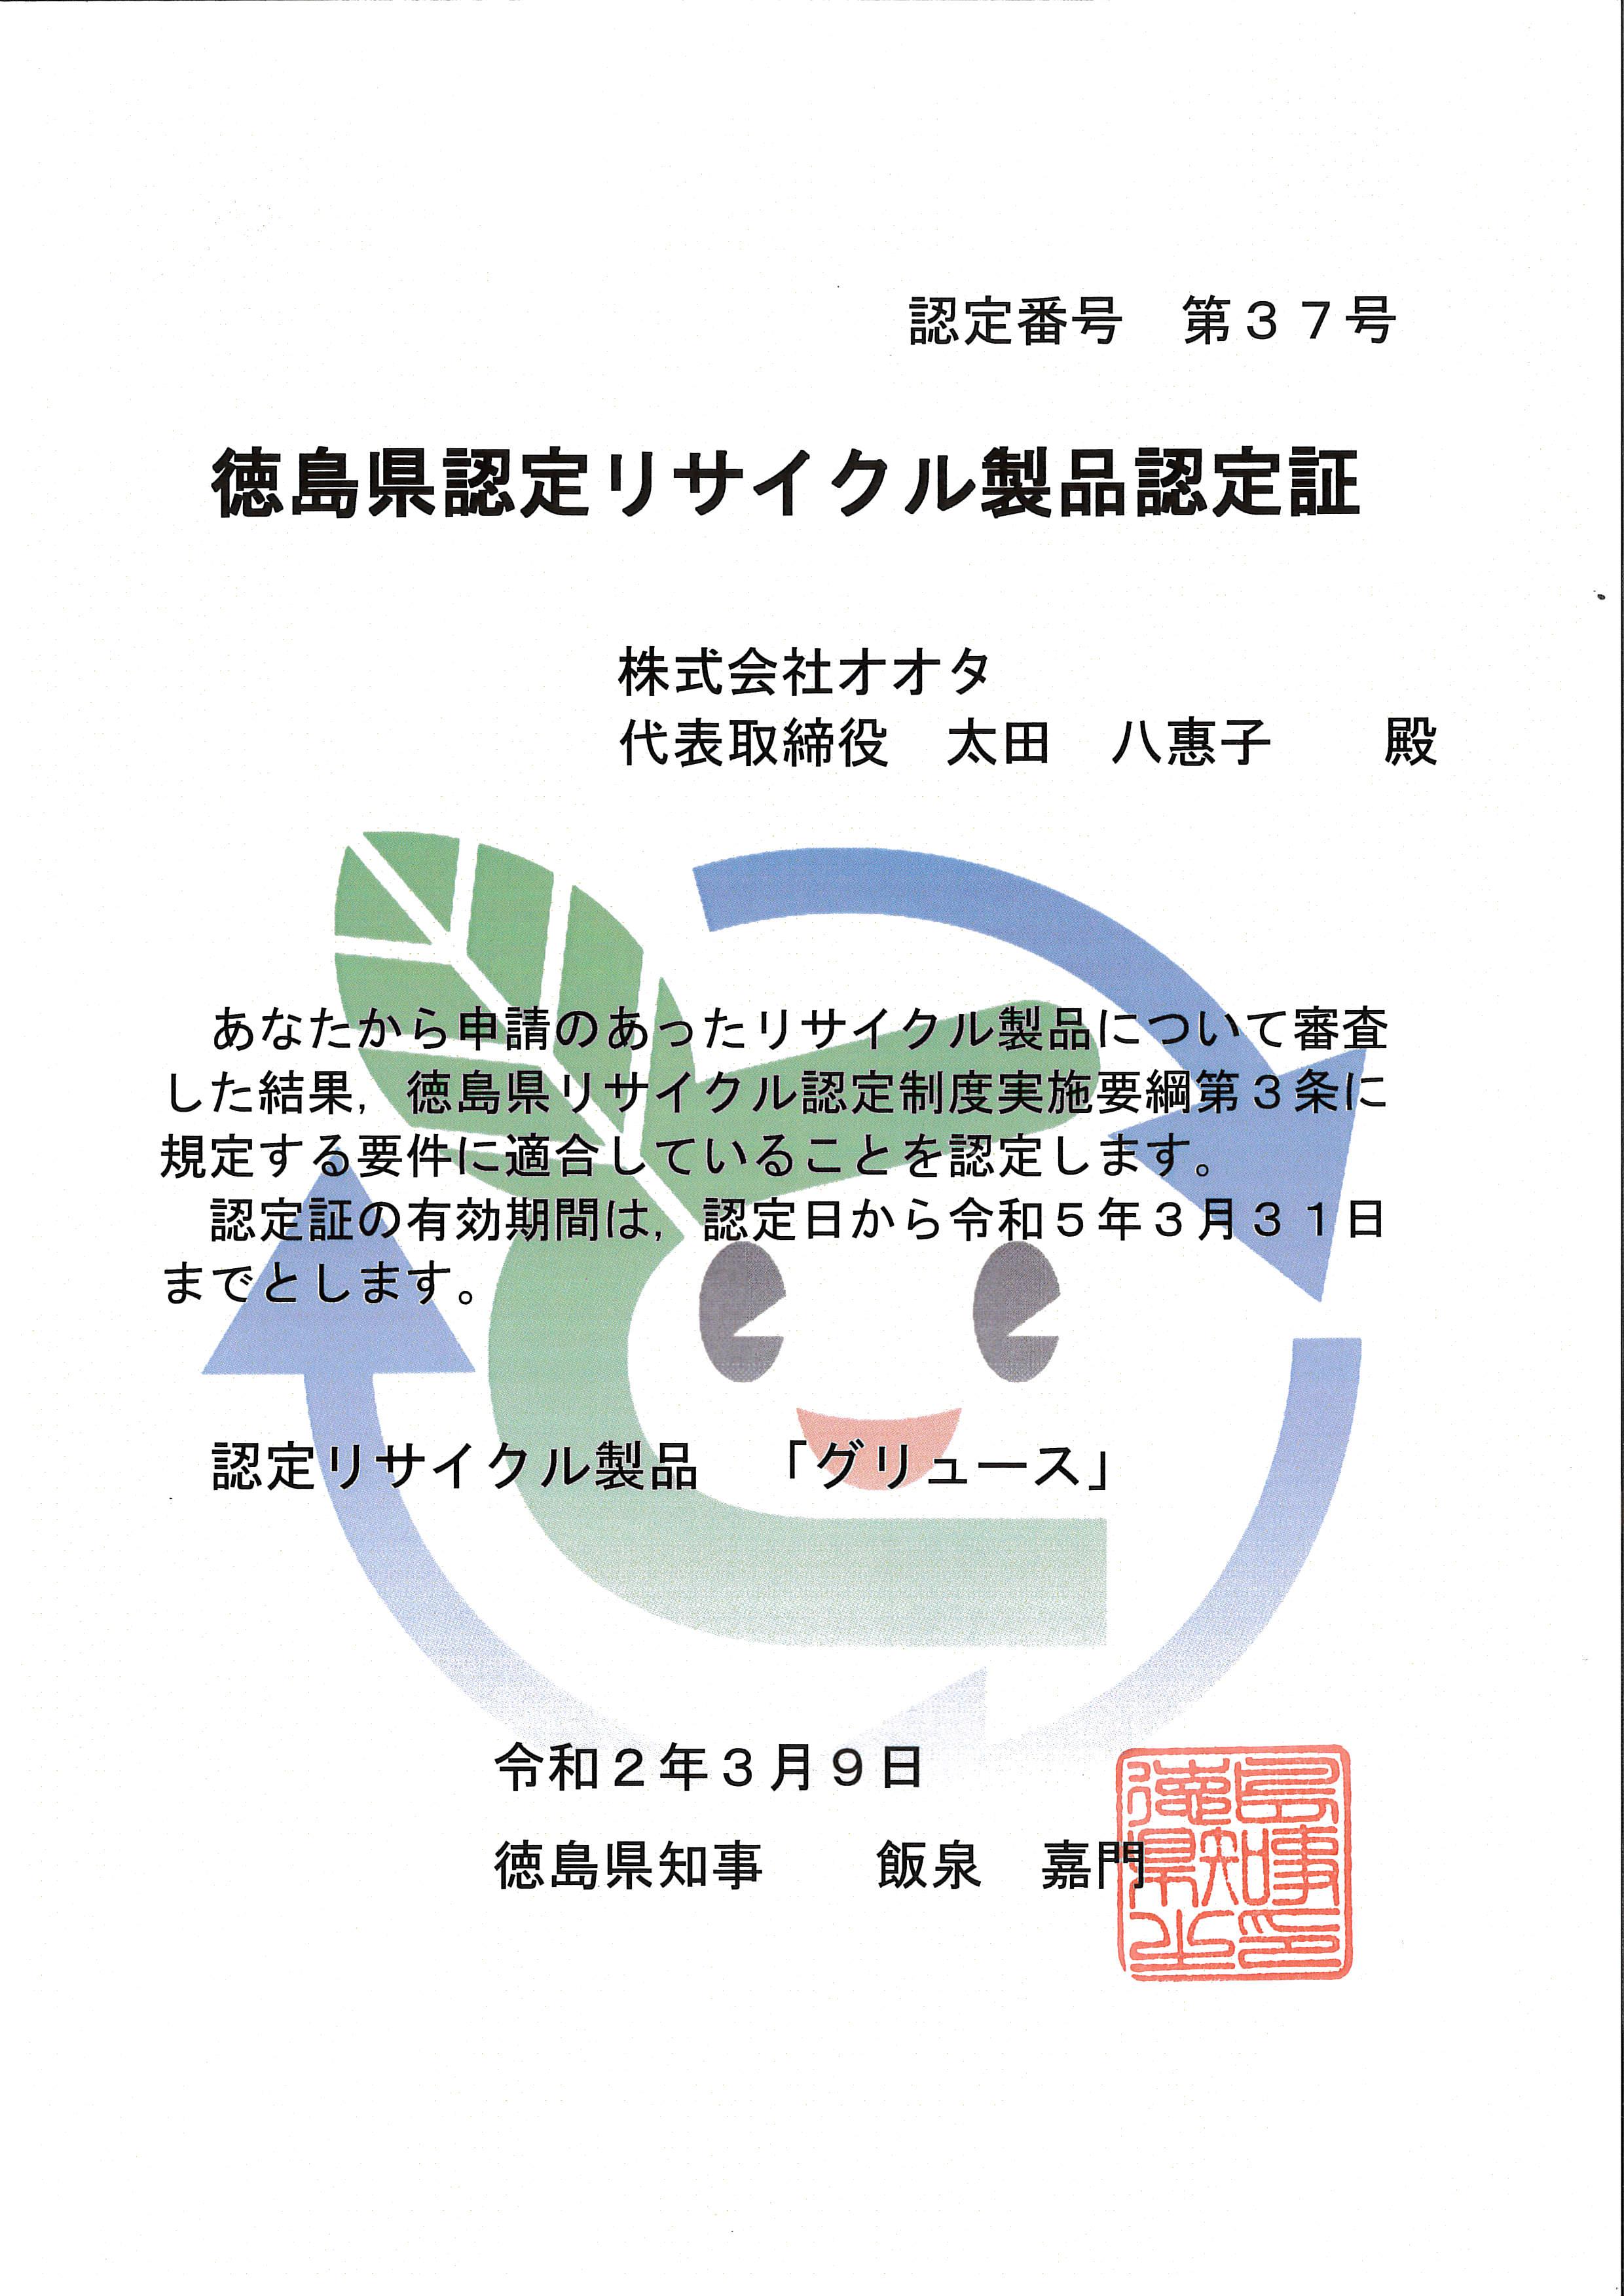 リサイクル製品認定証R2-グリュース